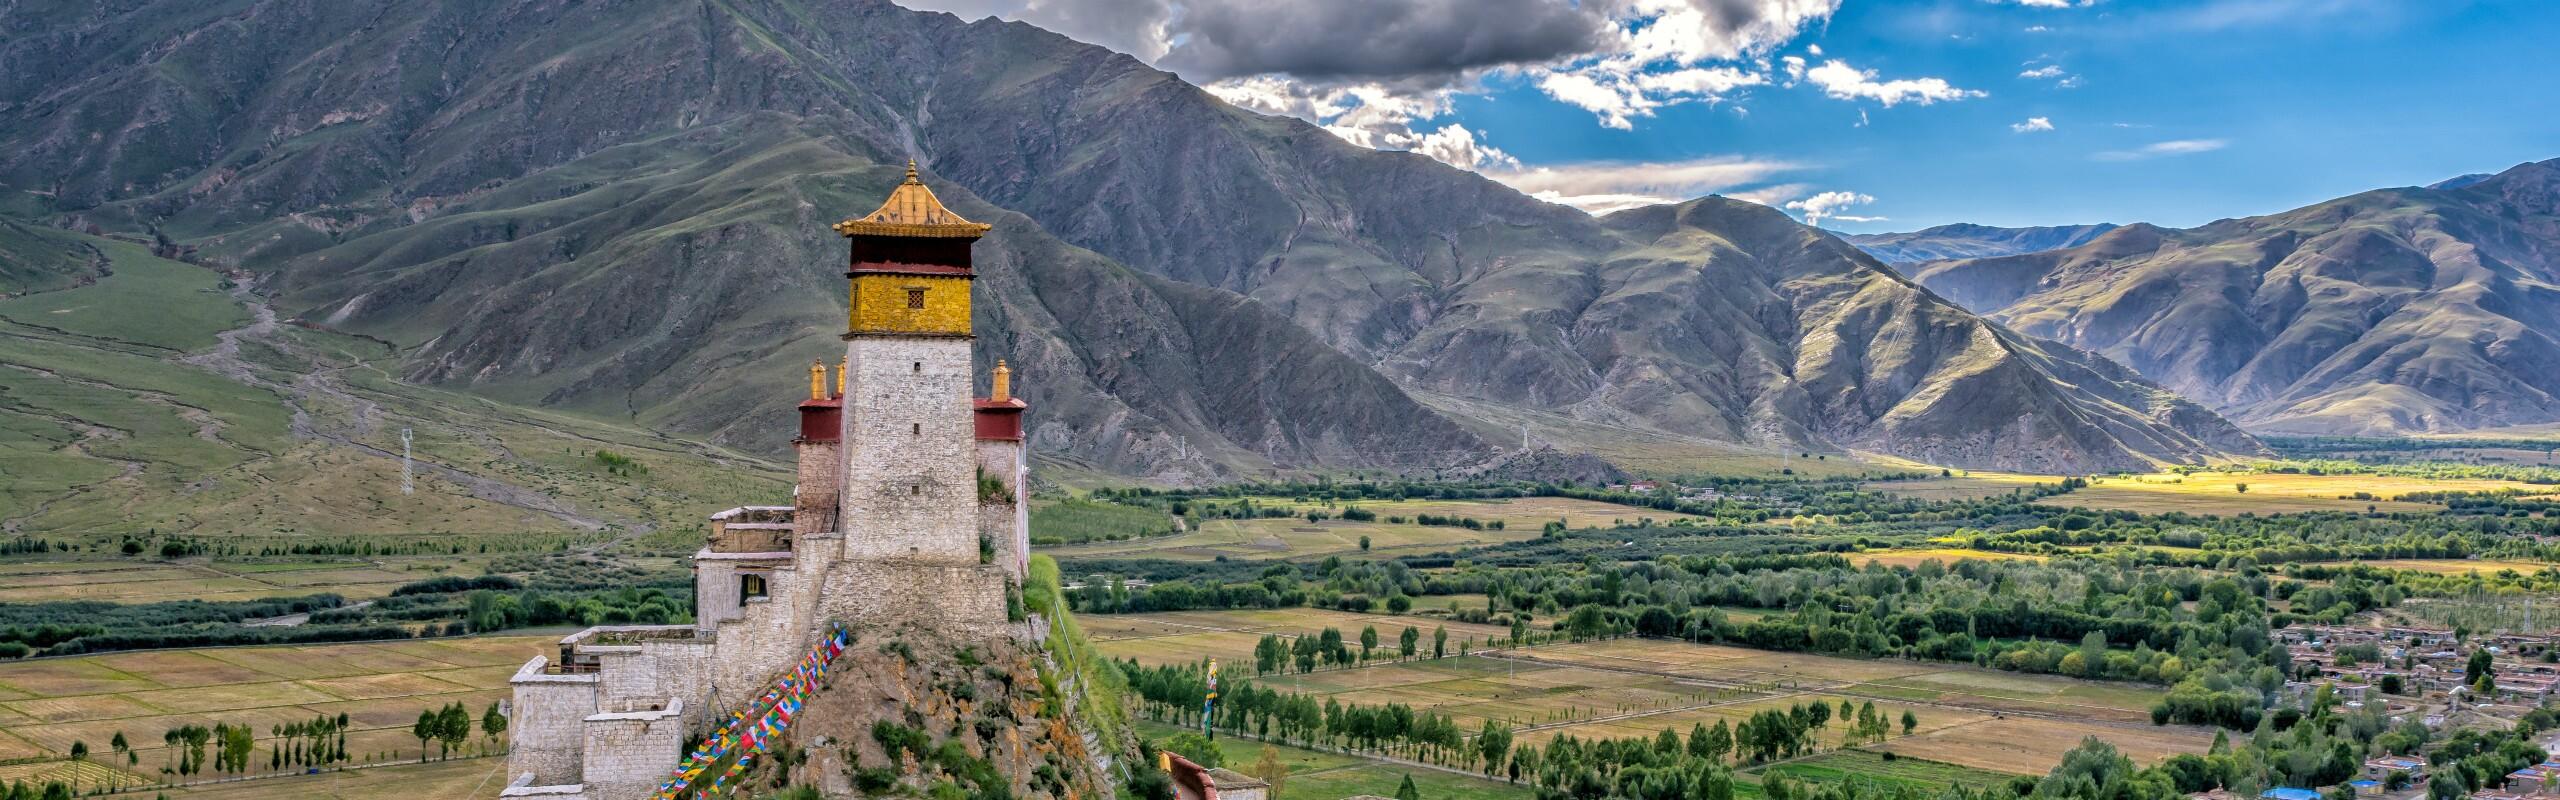 8-Day Tibet Tour including Tsedang, Shigatse, and Lhasa